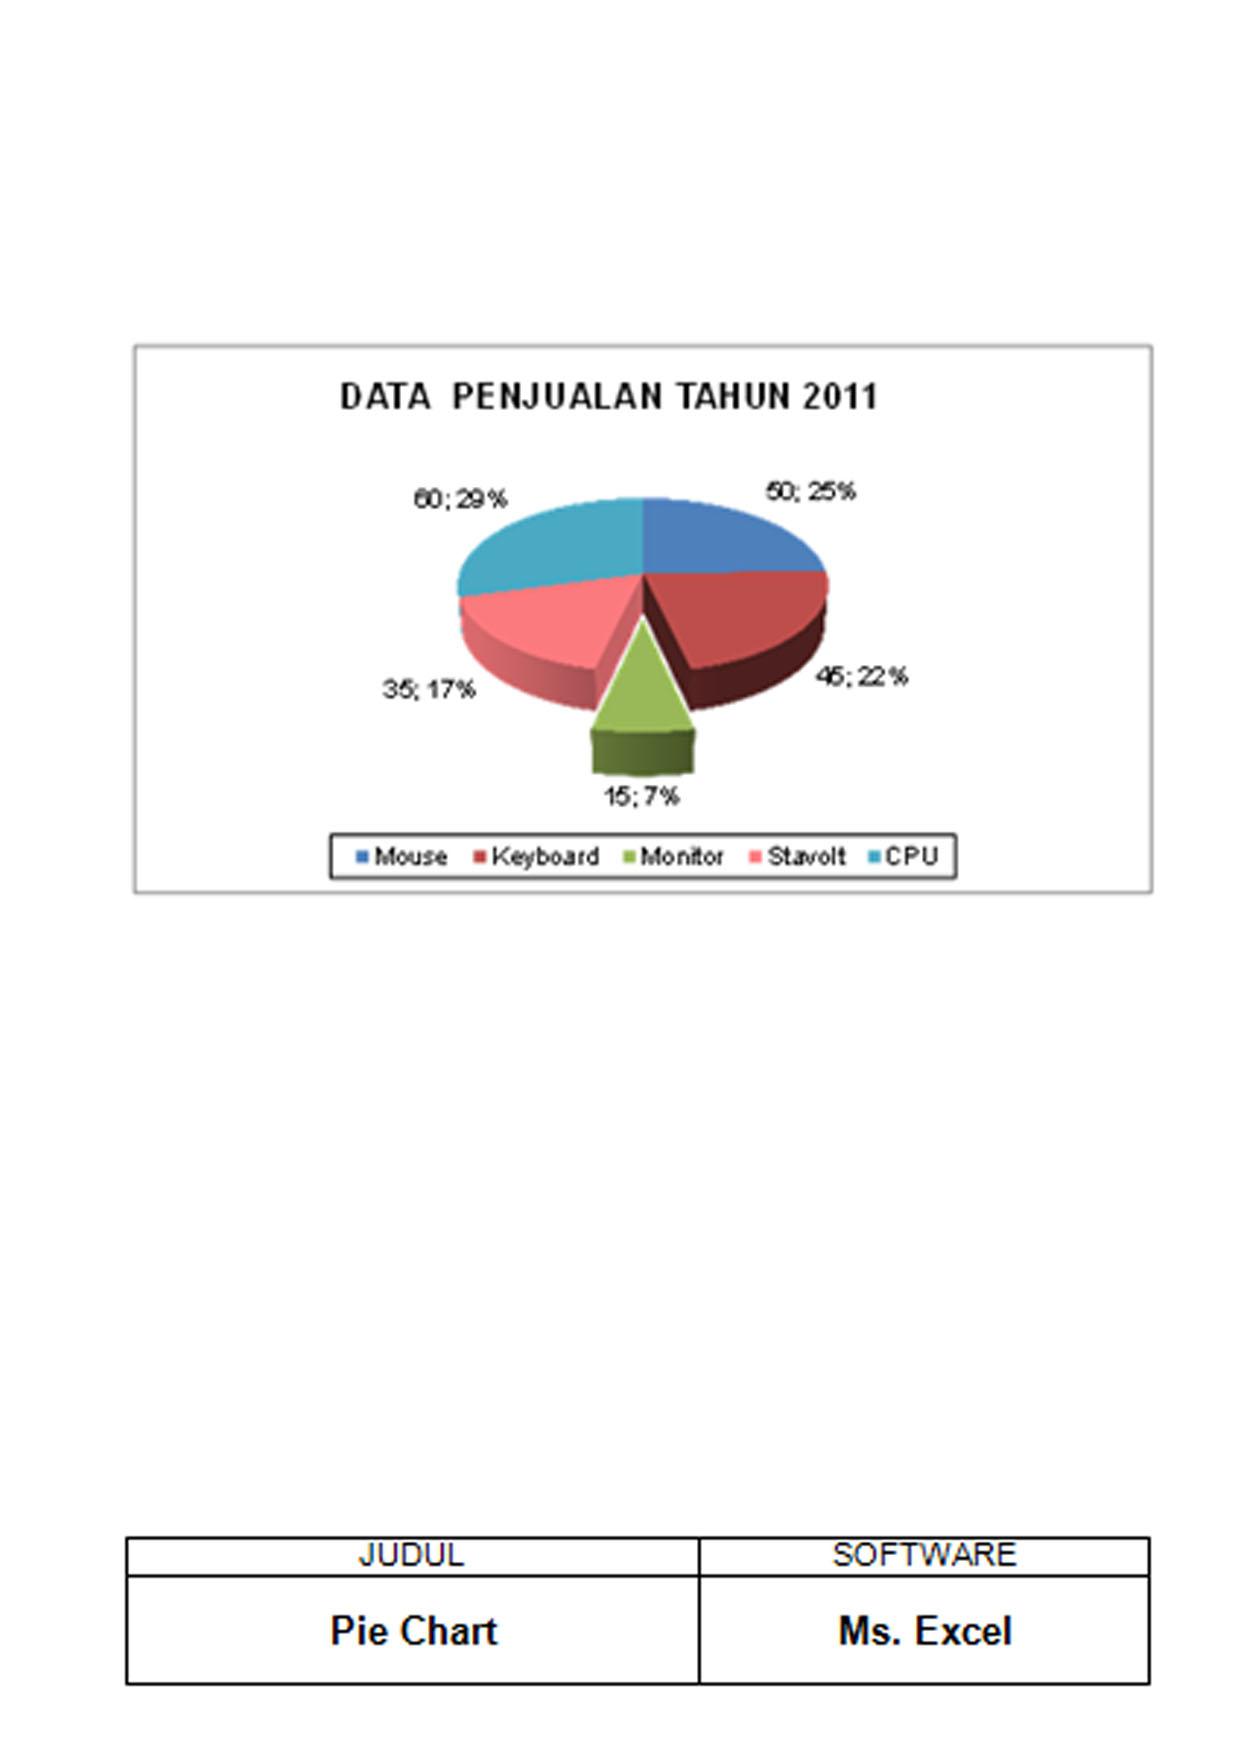 Kursus Online Komputer Surabaya - Program Aplikasi Perkantoran - Hasil Karya CHART/BAGAN TABEL